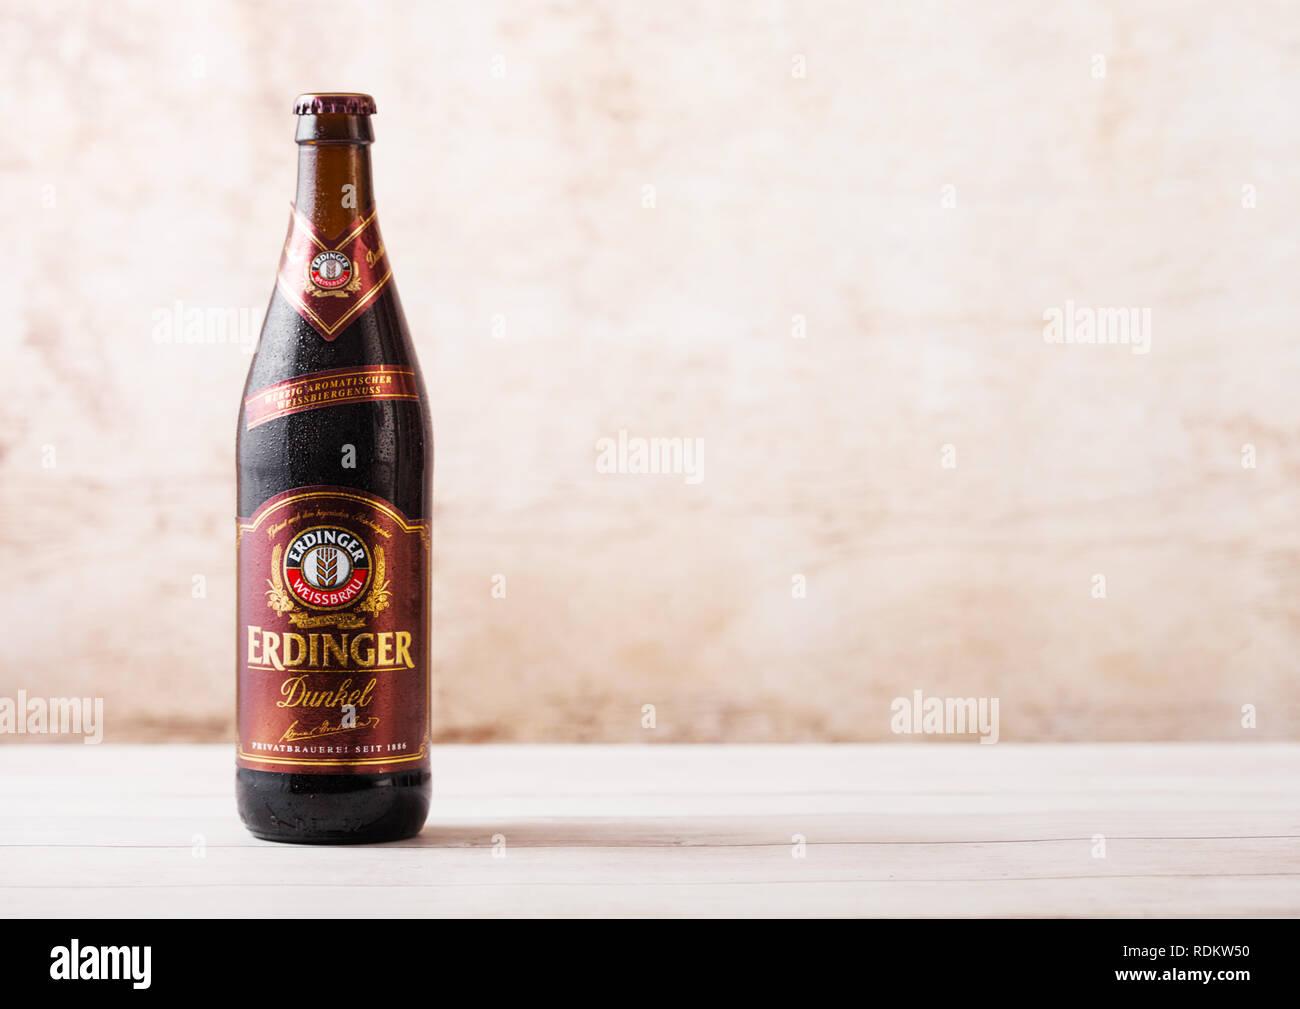 LONDON, UK, 15. JANUAR 2019: Flasche Erdinger Dunkel Bier auf einer hölzernen Hintergrund. Erdinger ist das Produkt der weltweit größten Weißbierbrauerei Stockbild